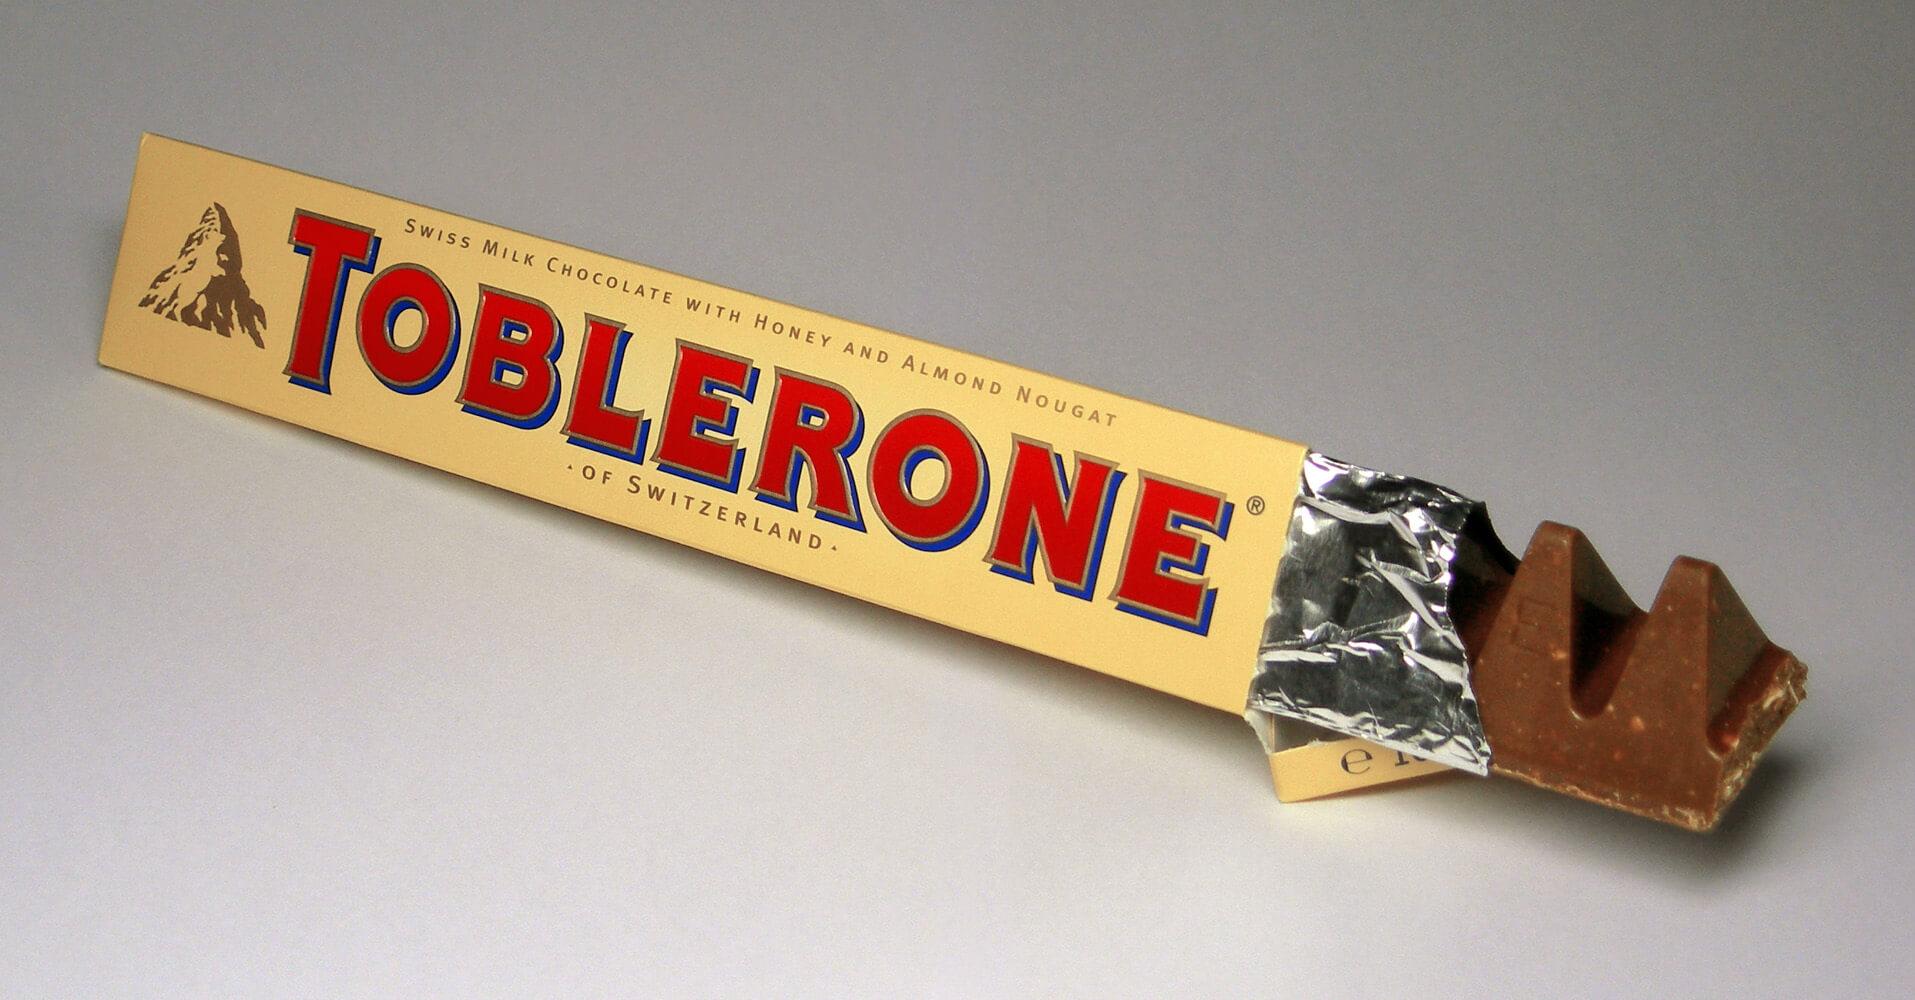 Маттерхорн – символ Швейцарии, является прототипом знаменитого швейцарского шоколада